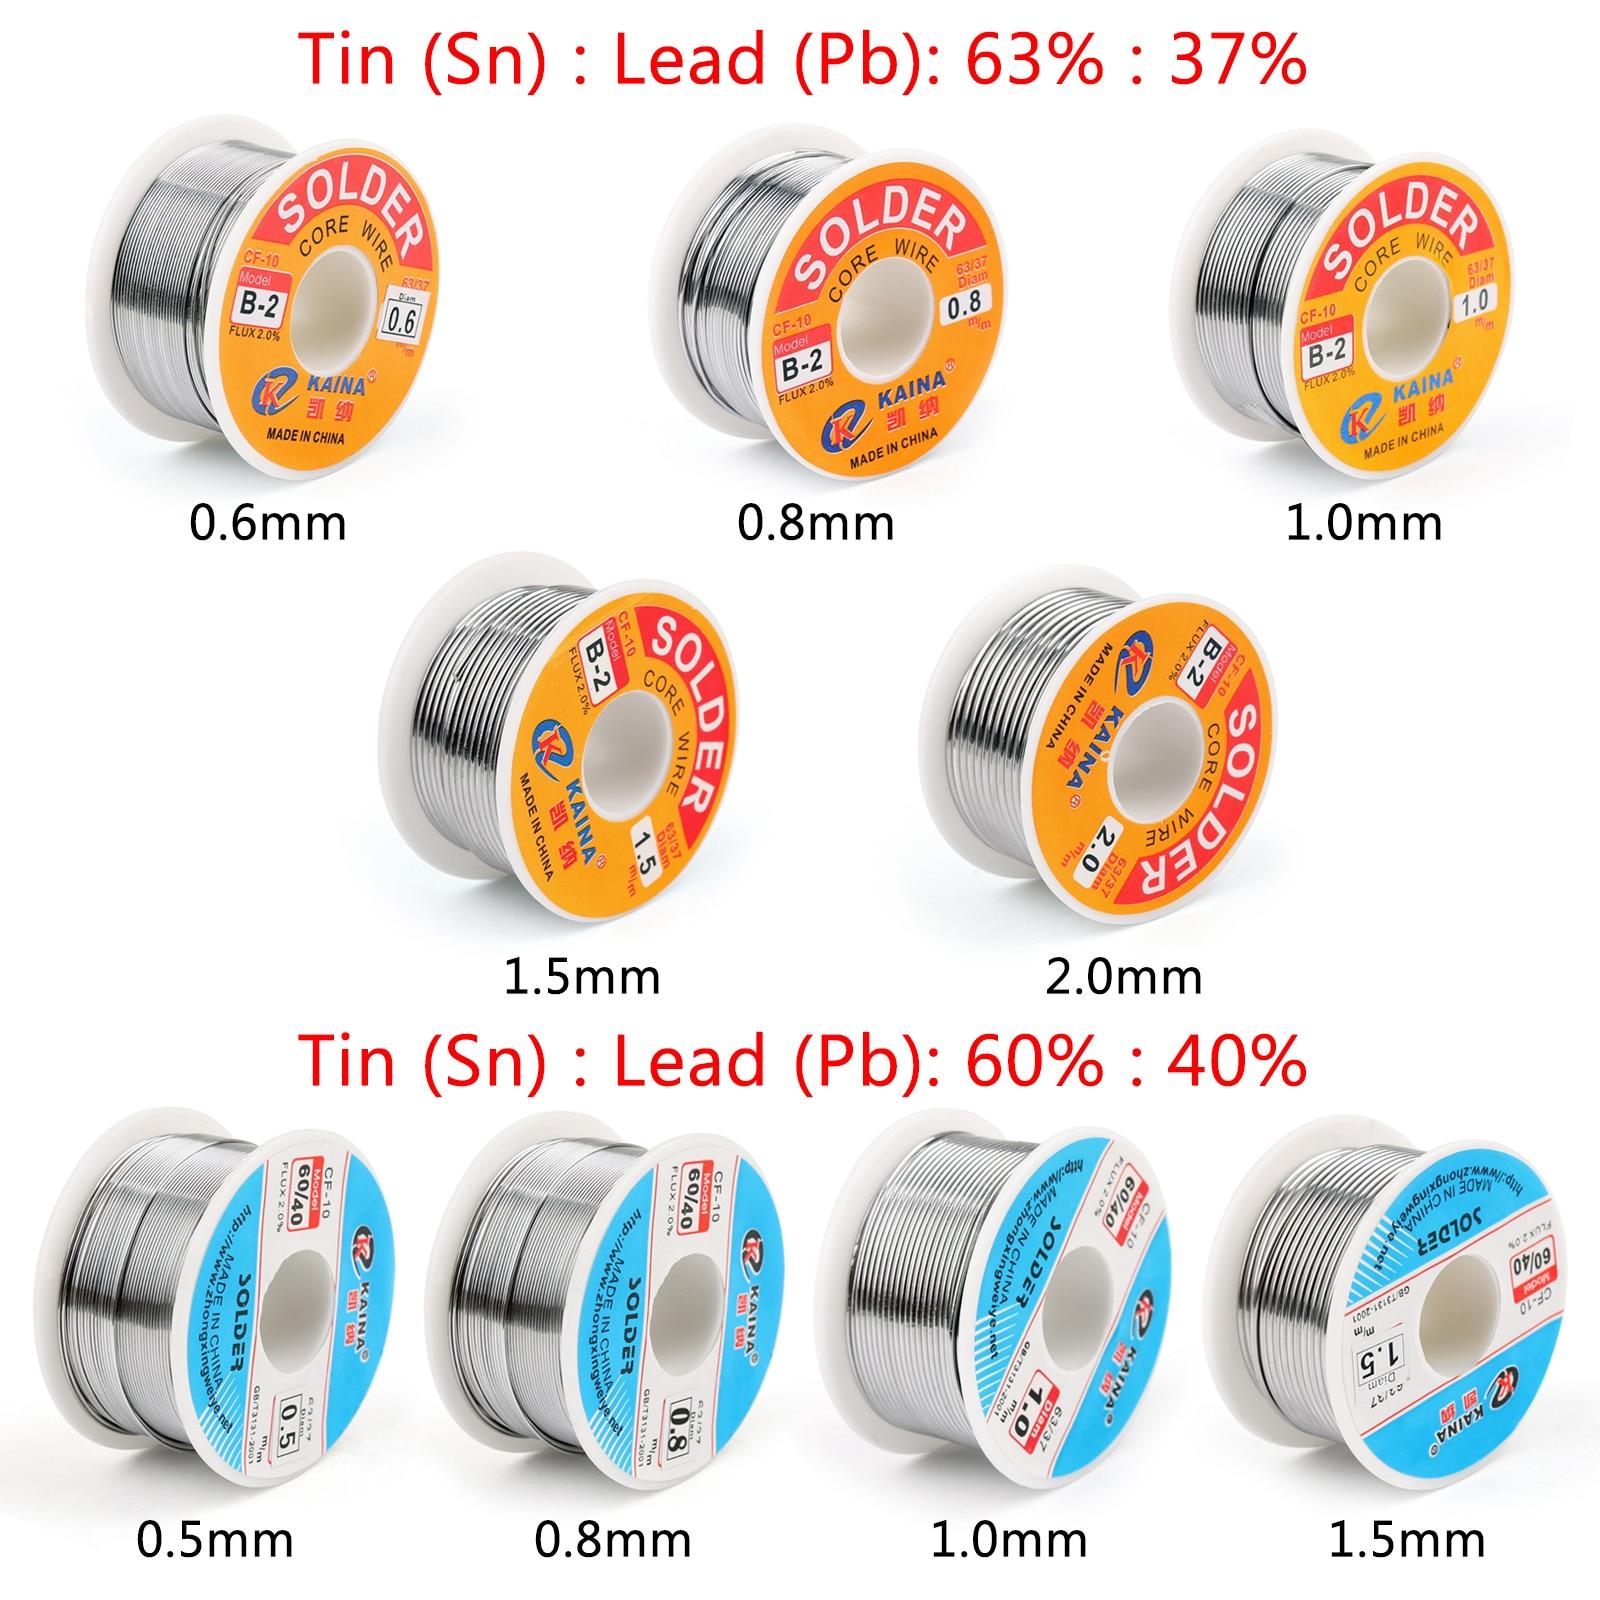 Areyourshop 100 г 60/40 63/37 0,5 мм/0,8 мм/1,0 мм/1,5 мм канифоль Оловянная свинцовая сварочная проволока с 2% флюсом для пайки